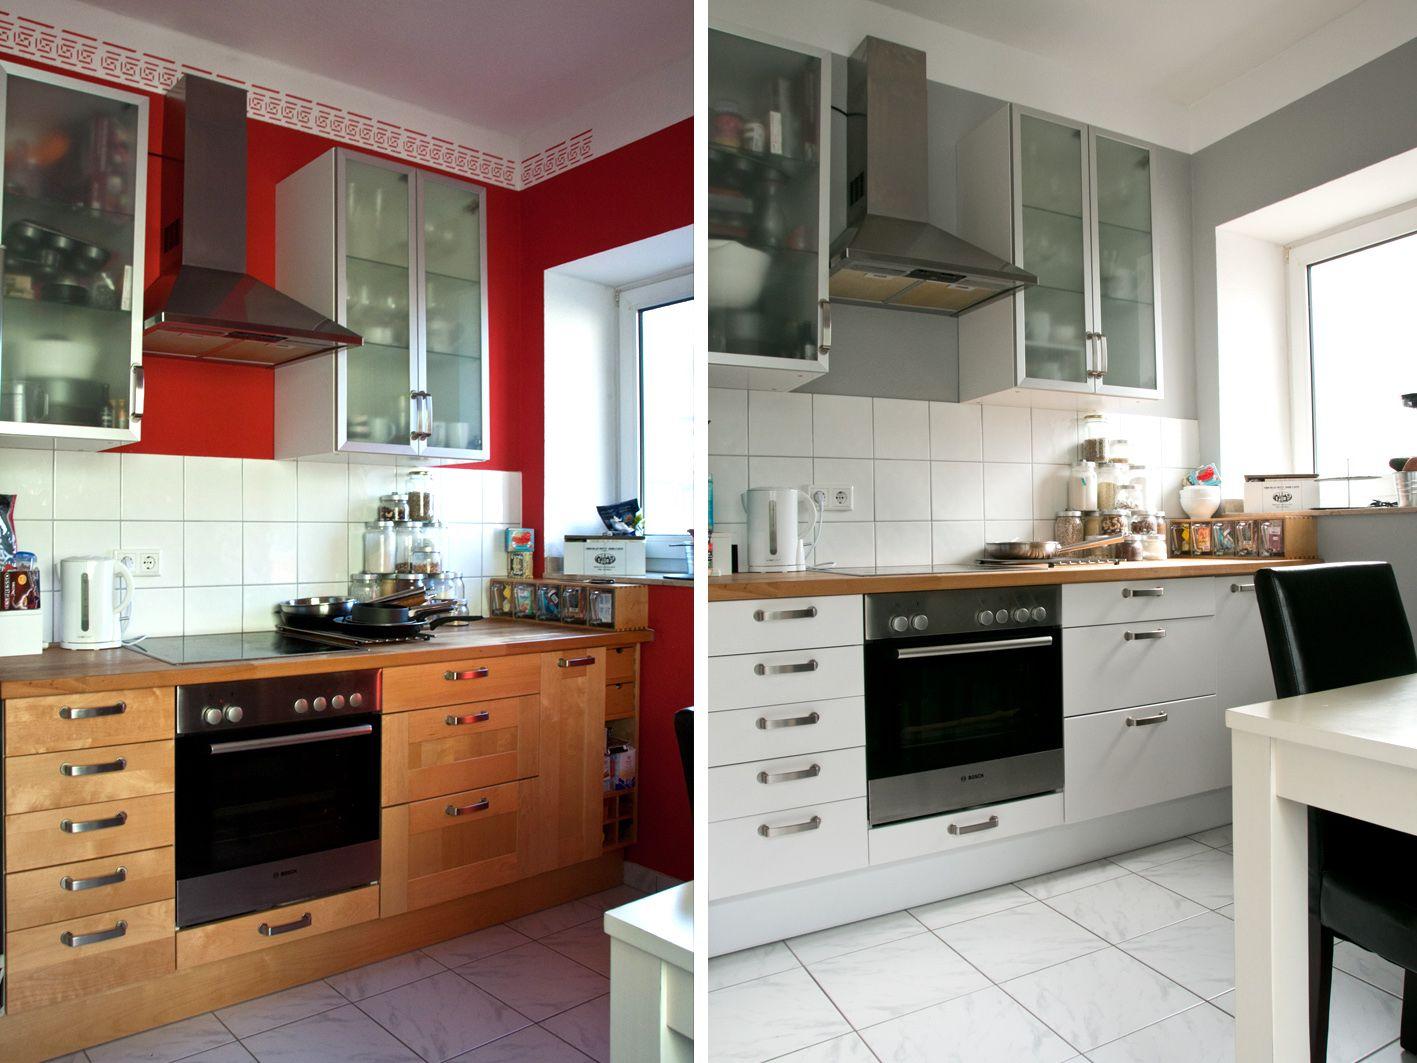 Ikea Faktum Küche Vorher Nachher Und Kokos Donuts Rezept Küche Neu Streichen Küche Neu Gestalten Küche Vorher Nachher